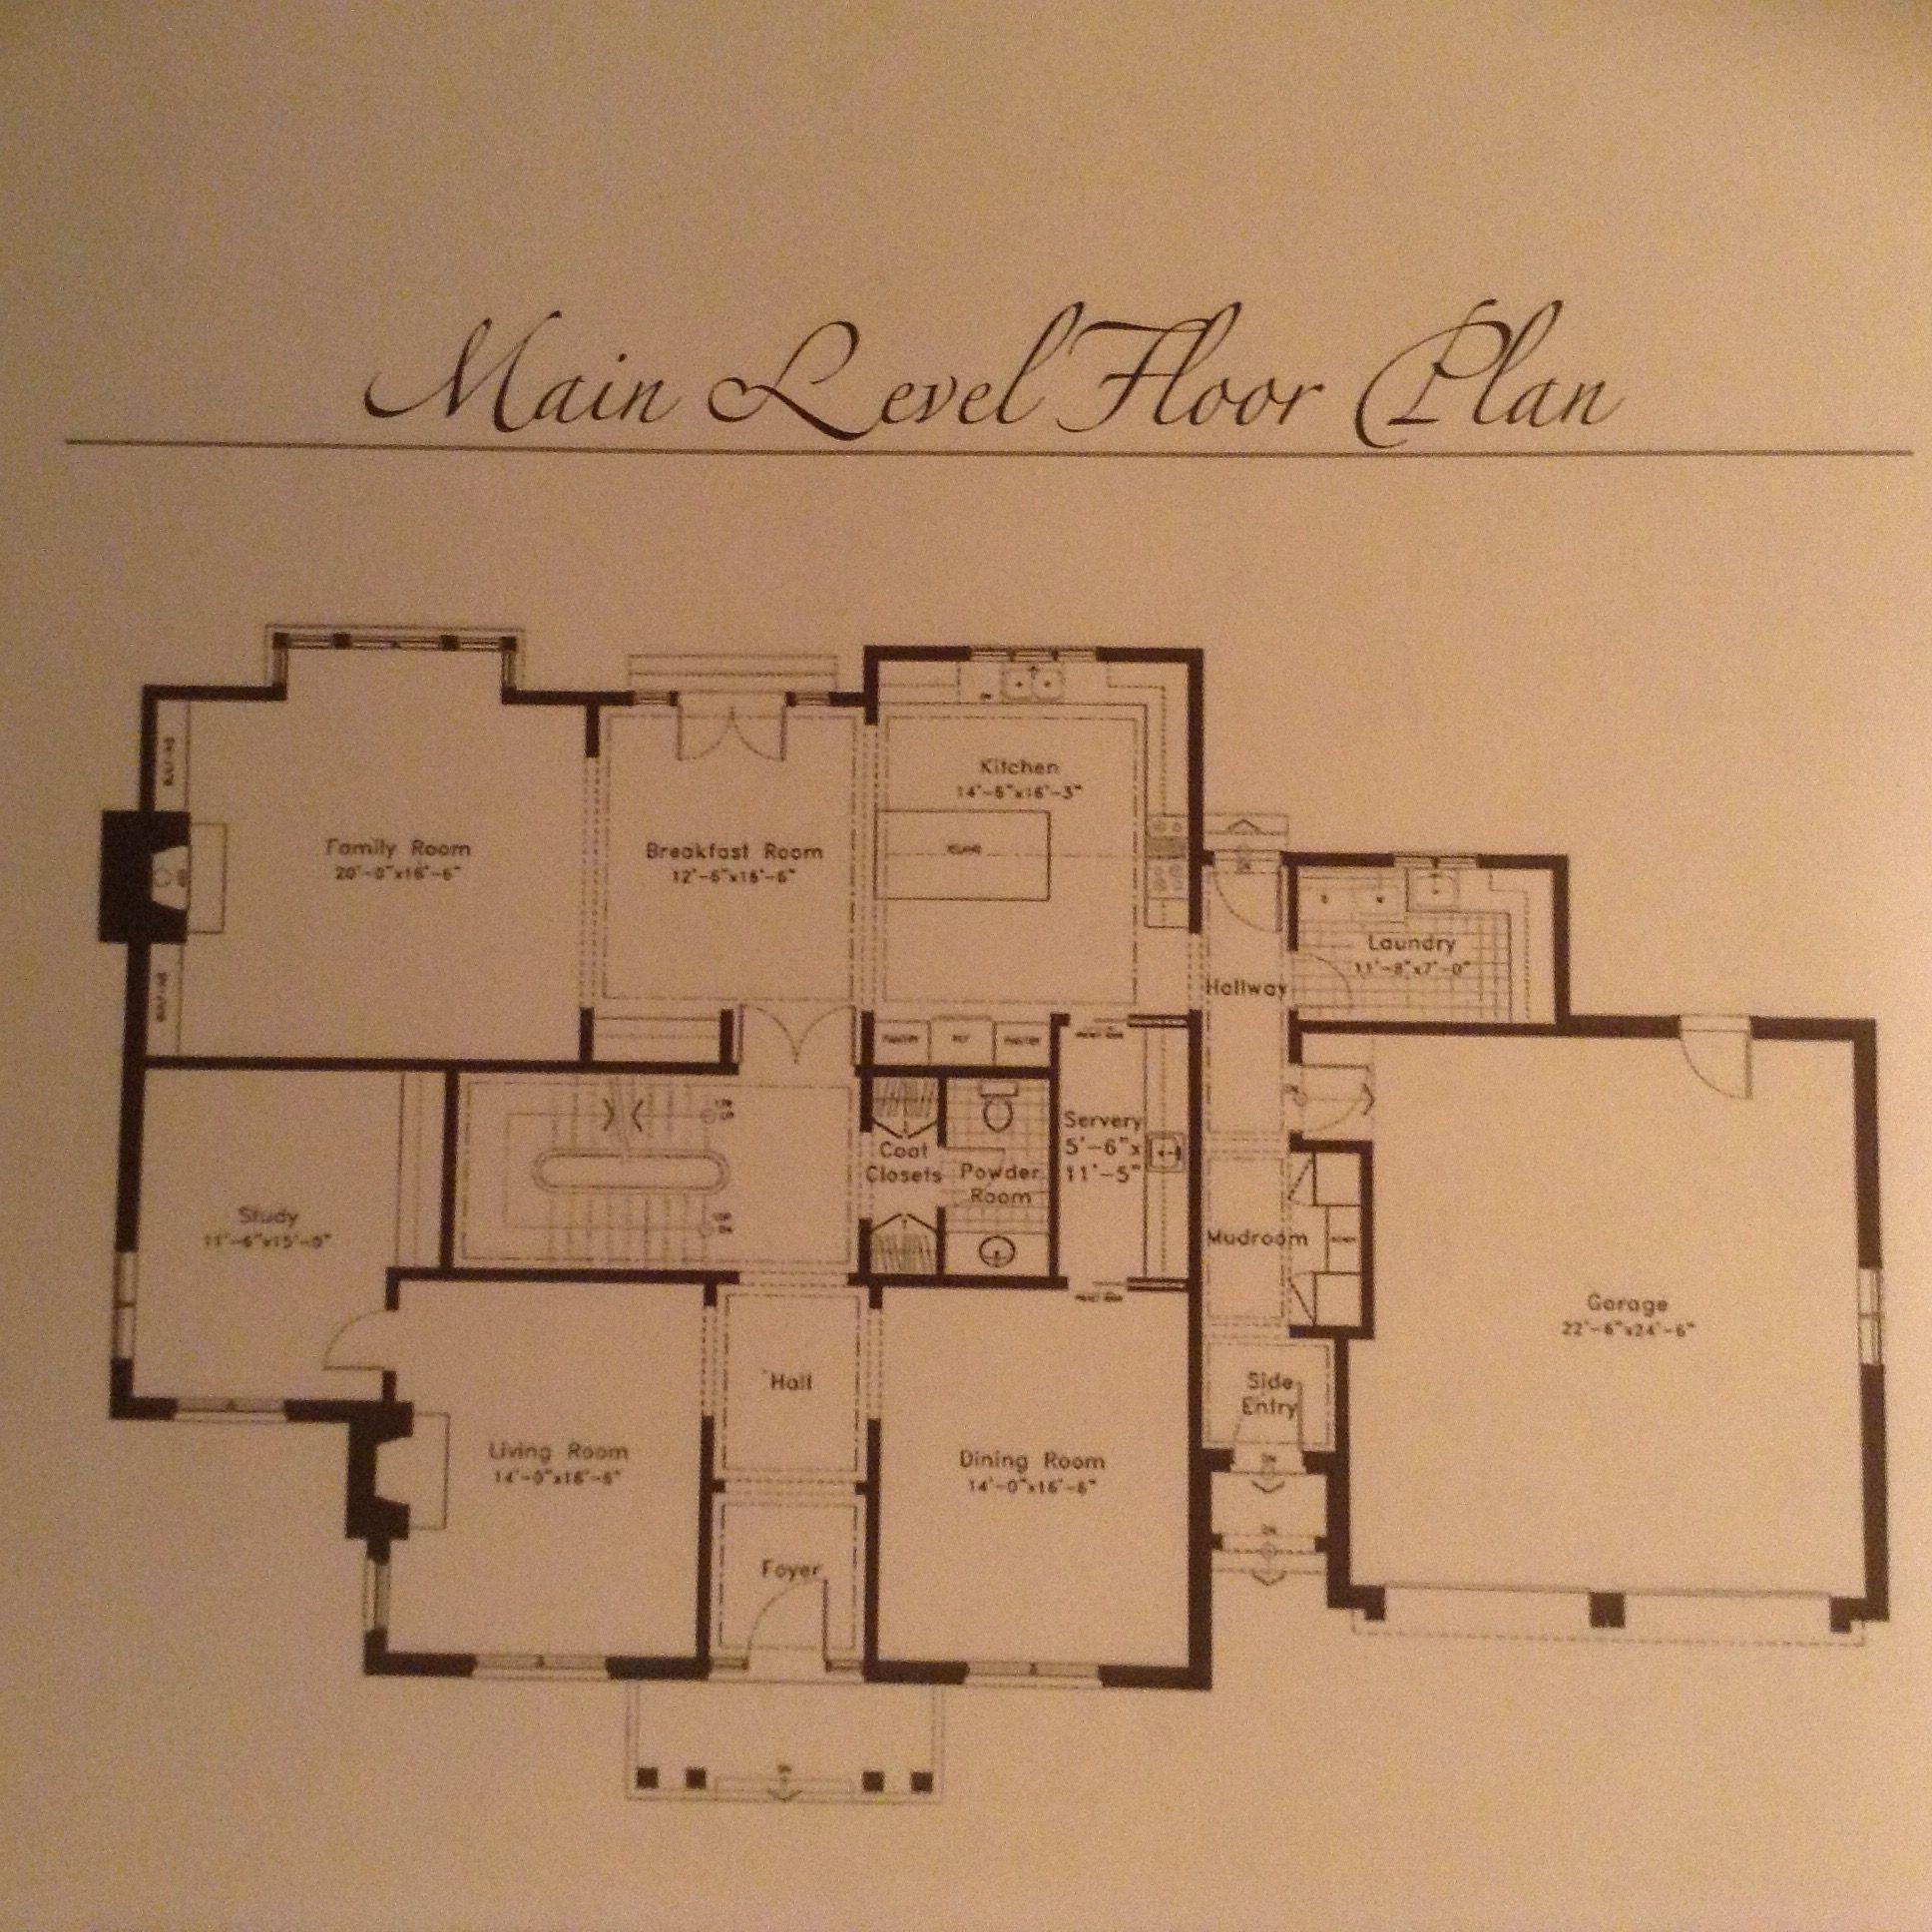 Morrison Oakville On Main Level Luxury House Plans Floor Plan 4 Bedroom House Plans